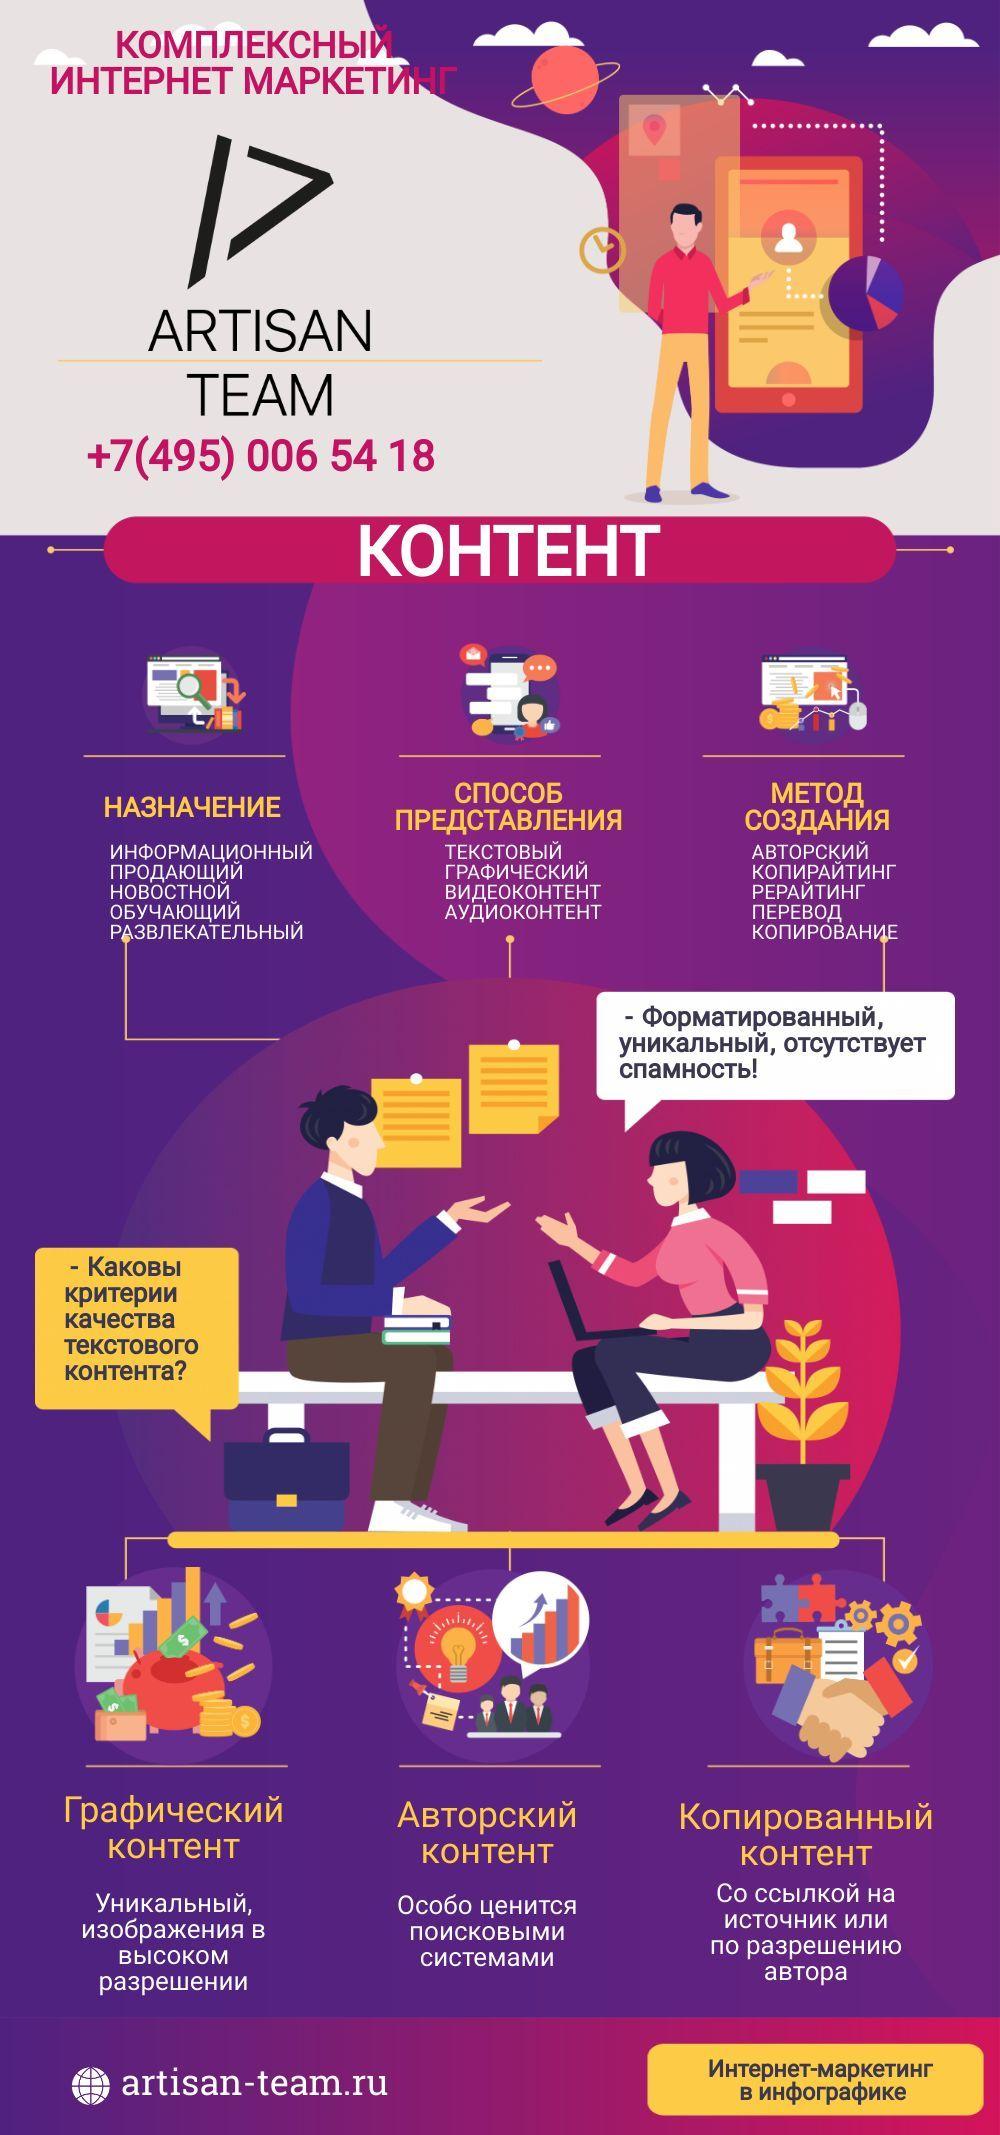 Что такое контент, виды контента по назначению, способу показа и методу создания, критерии качества в инфографике.